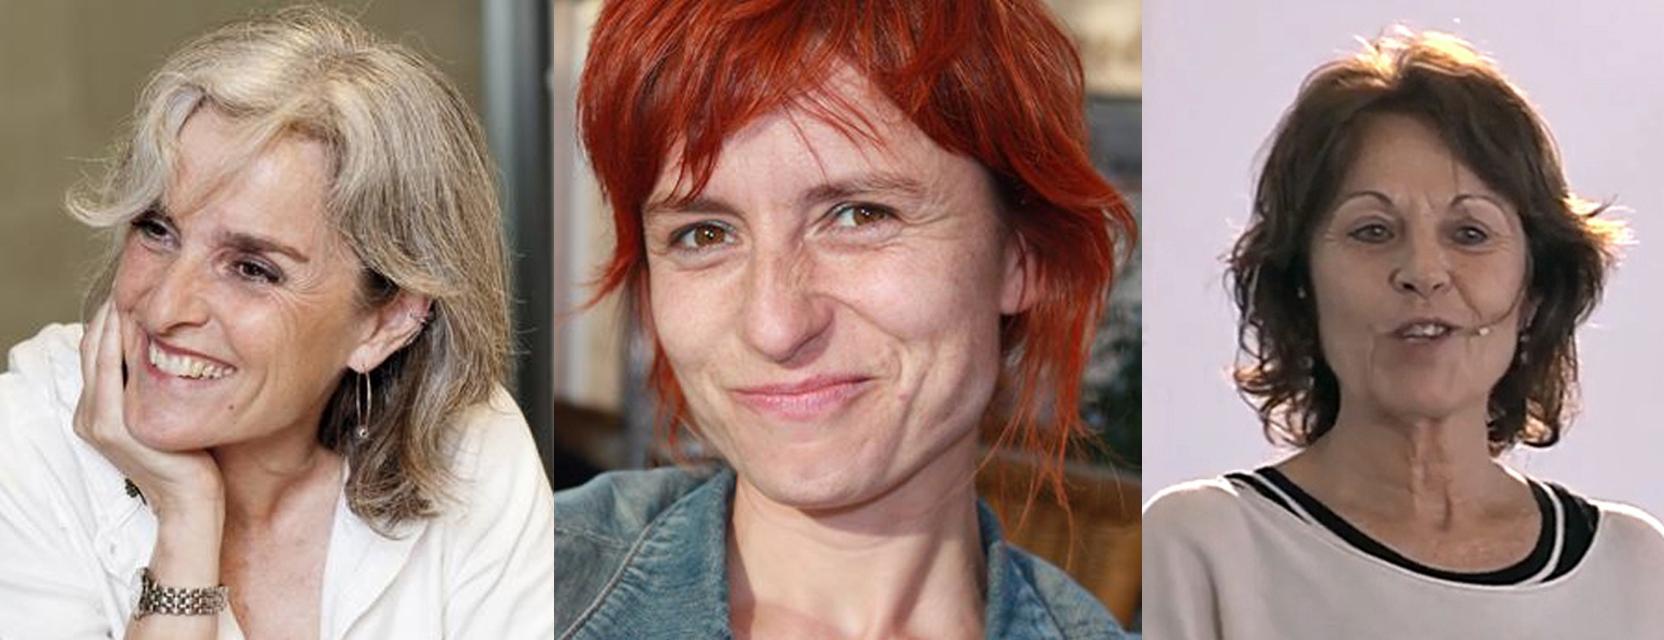 Euskaraz ahoskatzen ikasi eta irakatsi: araua eta komunikazioa <br /> Lourdes Oñederra, Oroitz Jauregi, Julia Marin <br />